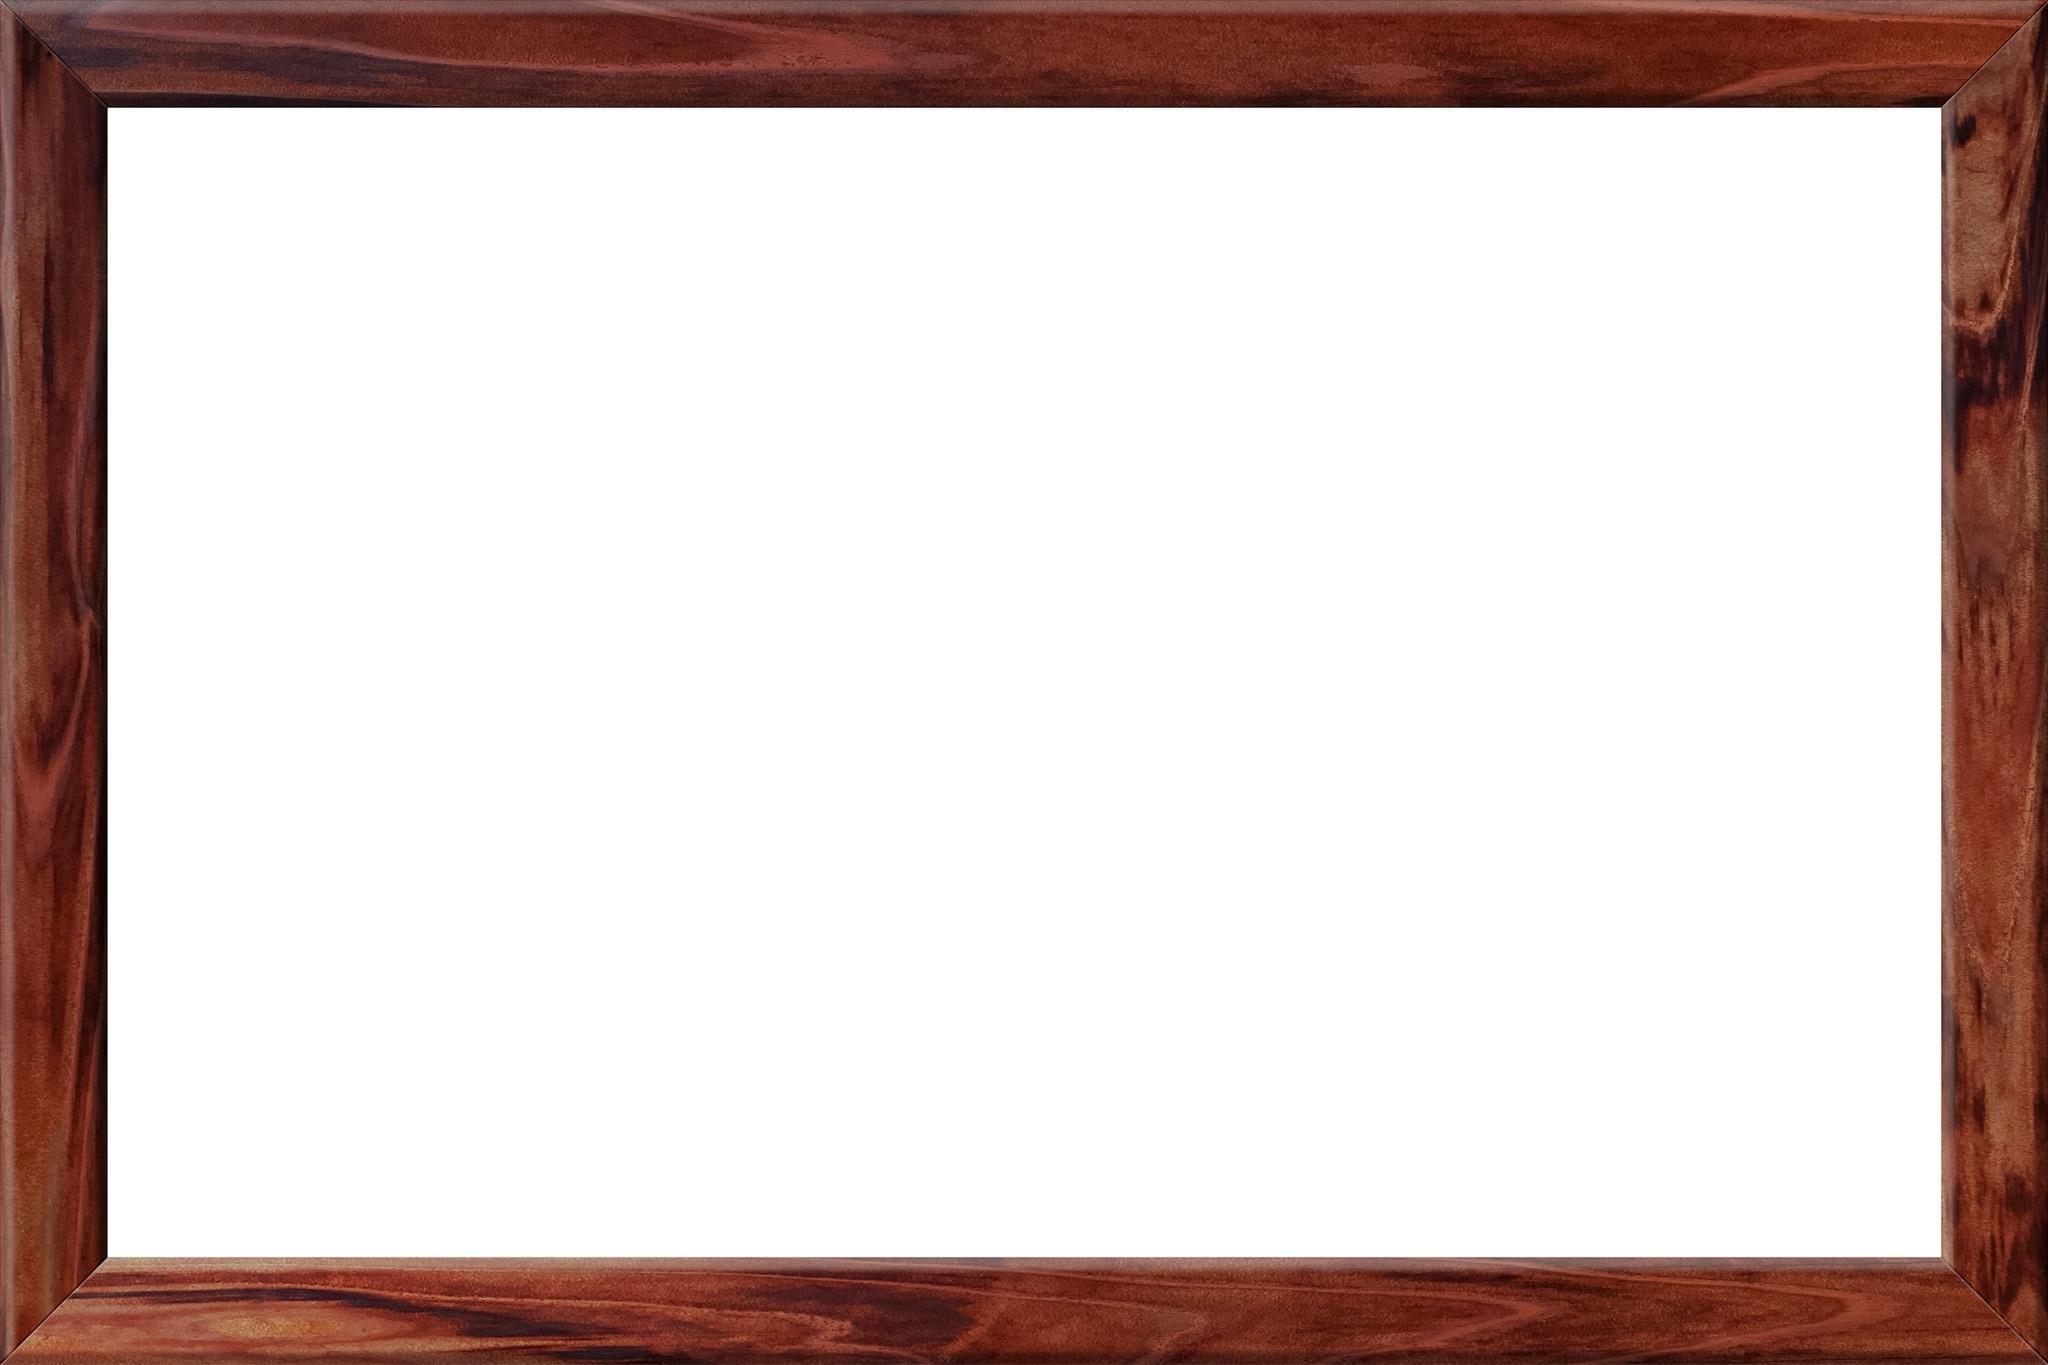 「和風の木製のフレーム」の画像を無料ダウンロード